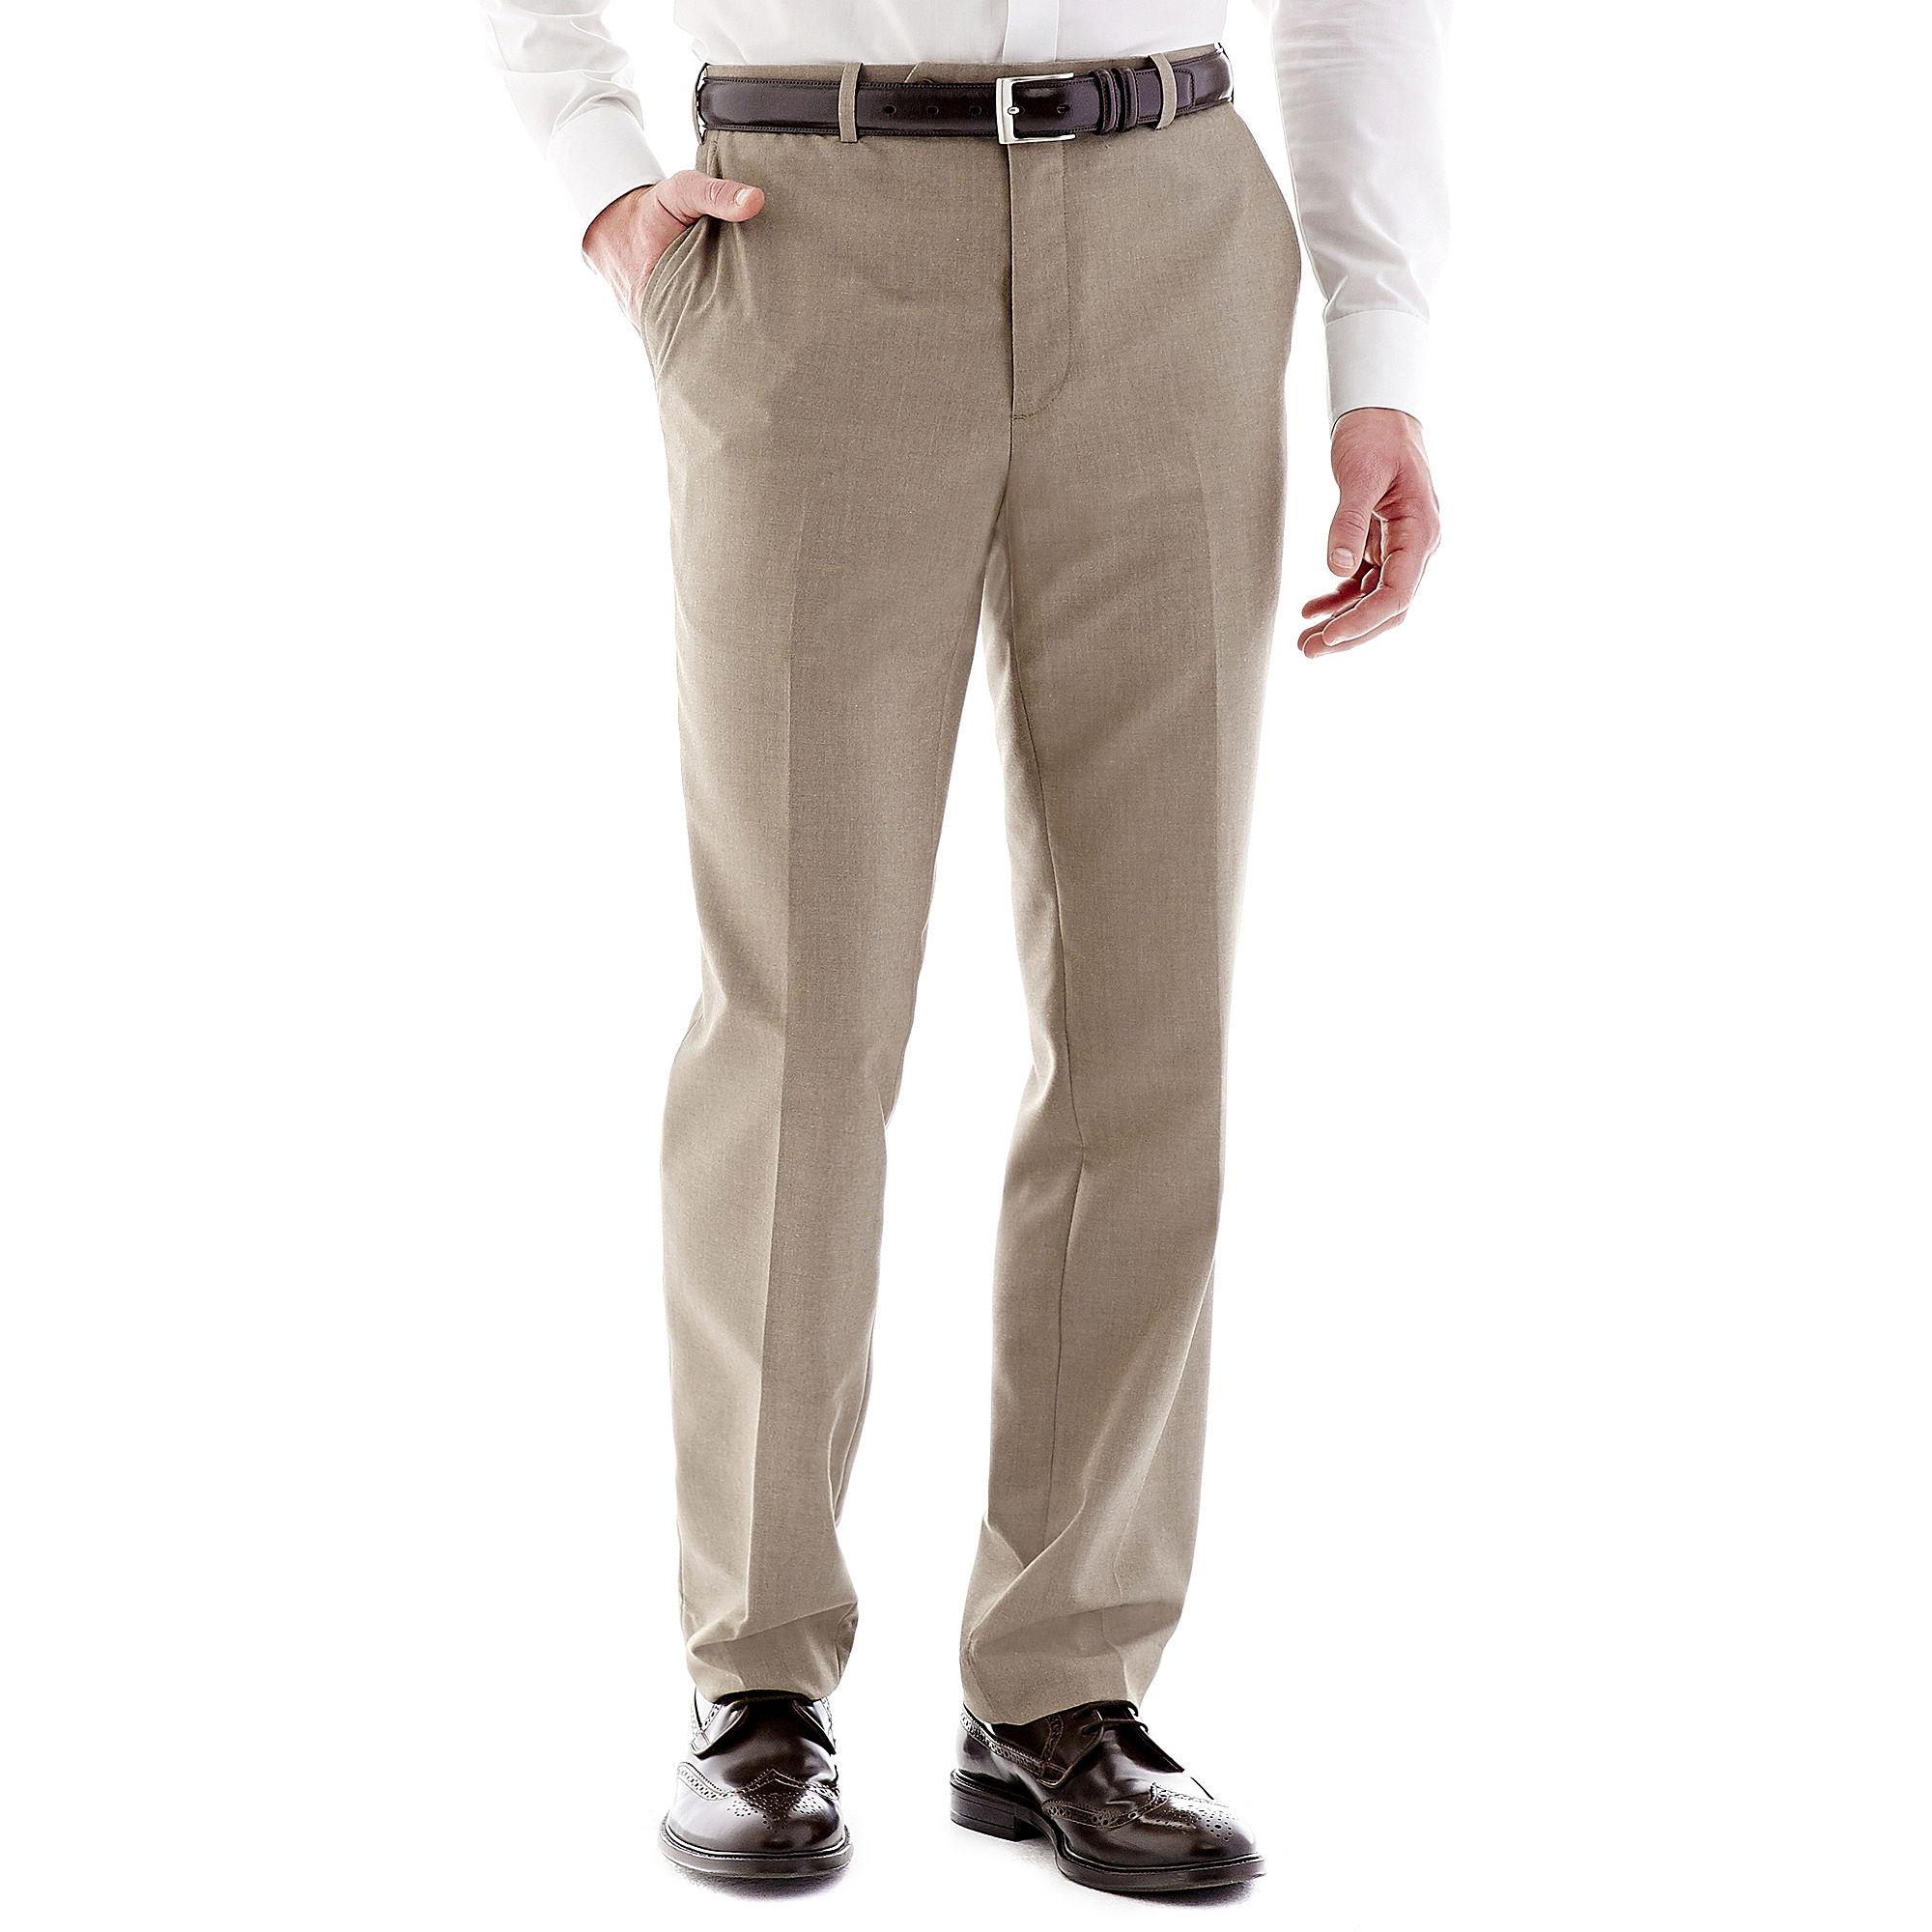 Adolfo Tan Flat-Front Suit Pants - Slim